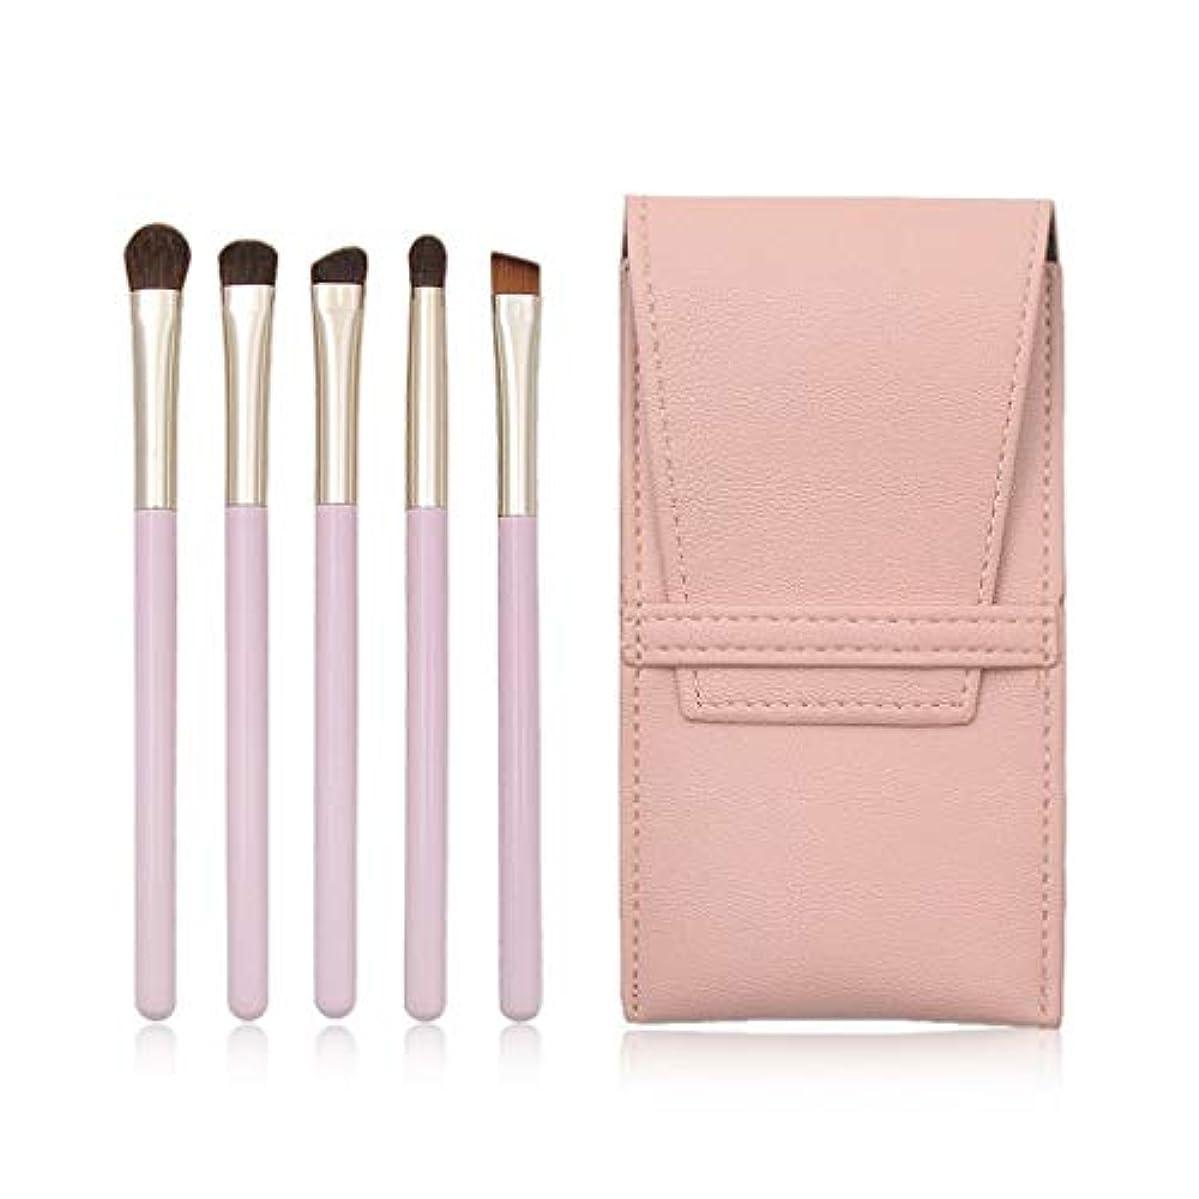 方法論サーカストリム化粧ブラシ プロの化粧ブラシ 初心者の化粧ブラシ アイシャドウブラシ アイメイクブラシ ピンク 木材 バッグを含む 5つ